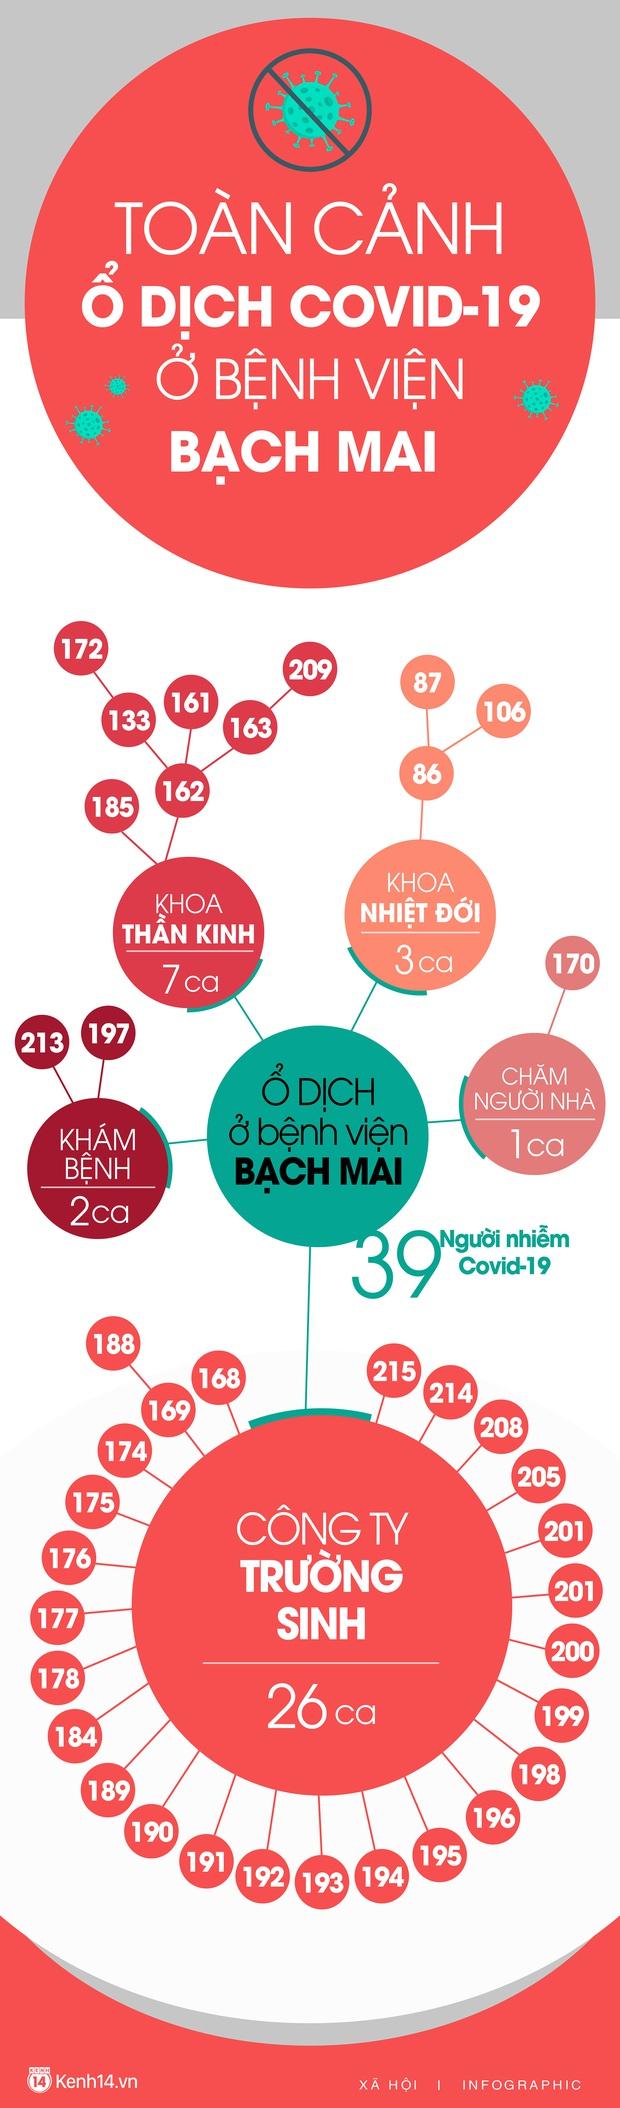 Infographic: Toàn cảnh 2 ổ dịch lớn nhất cả nước tính đến tối ngày 1/4 - Ảnh 1.